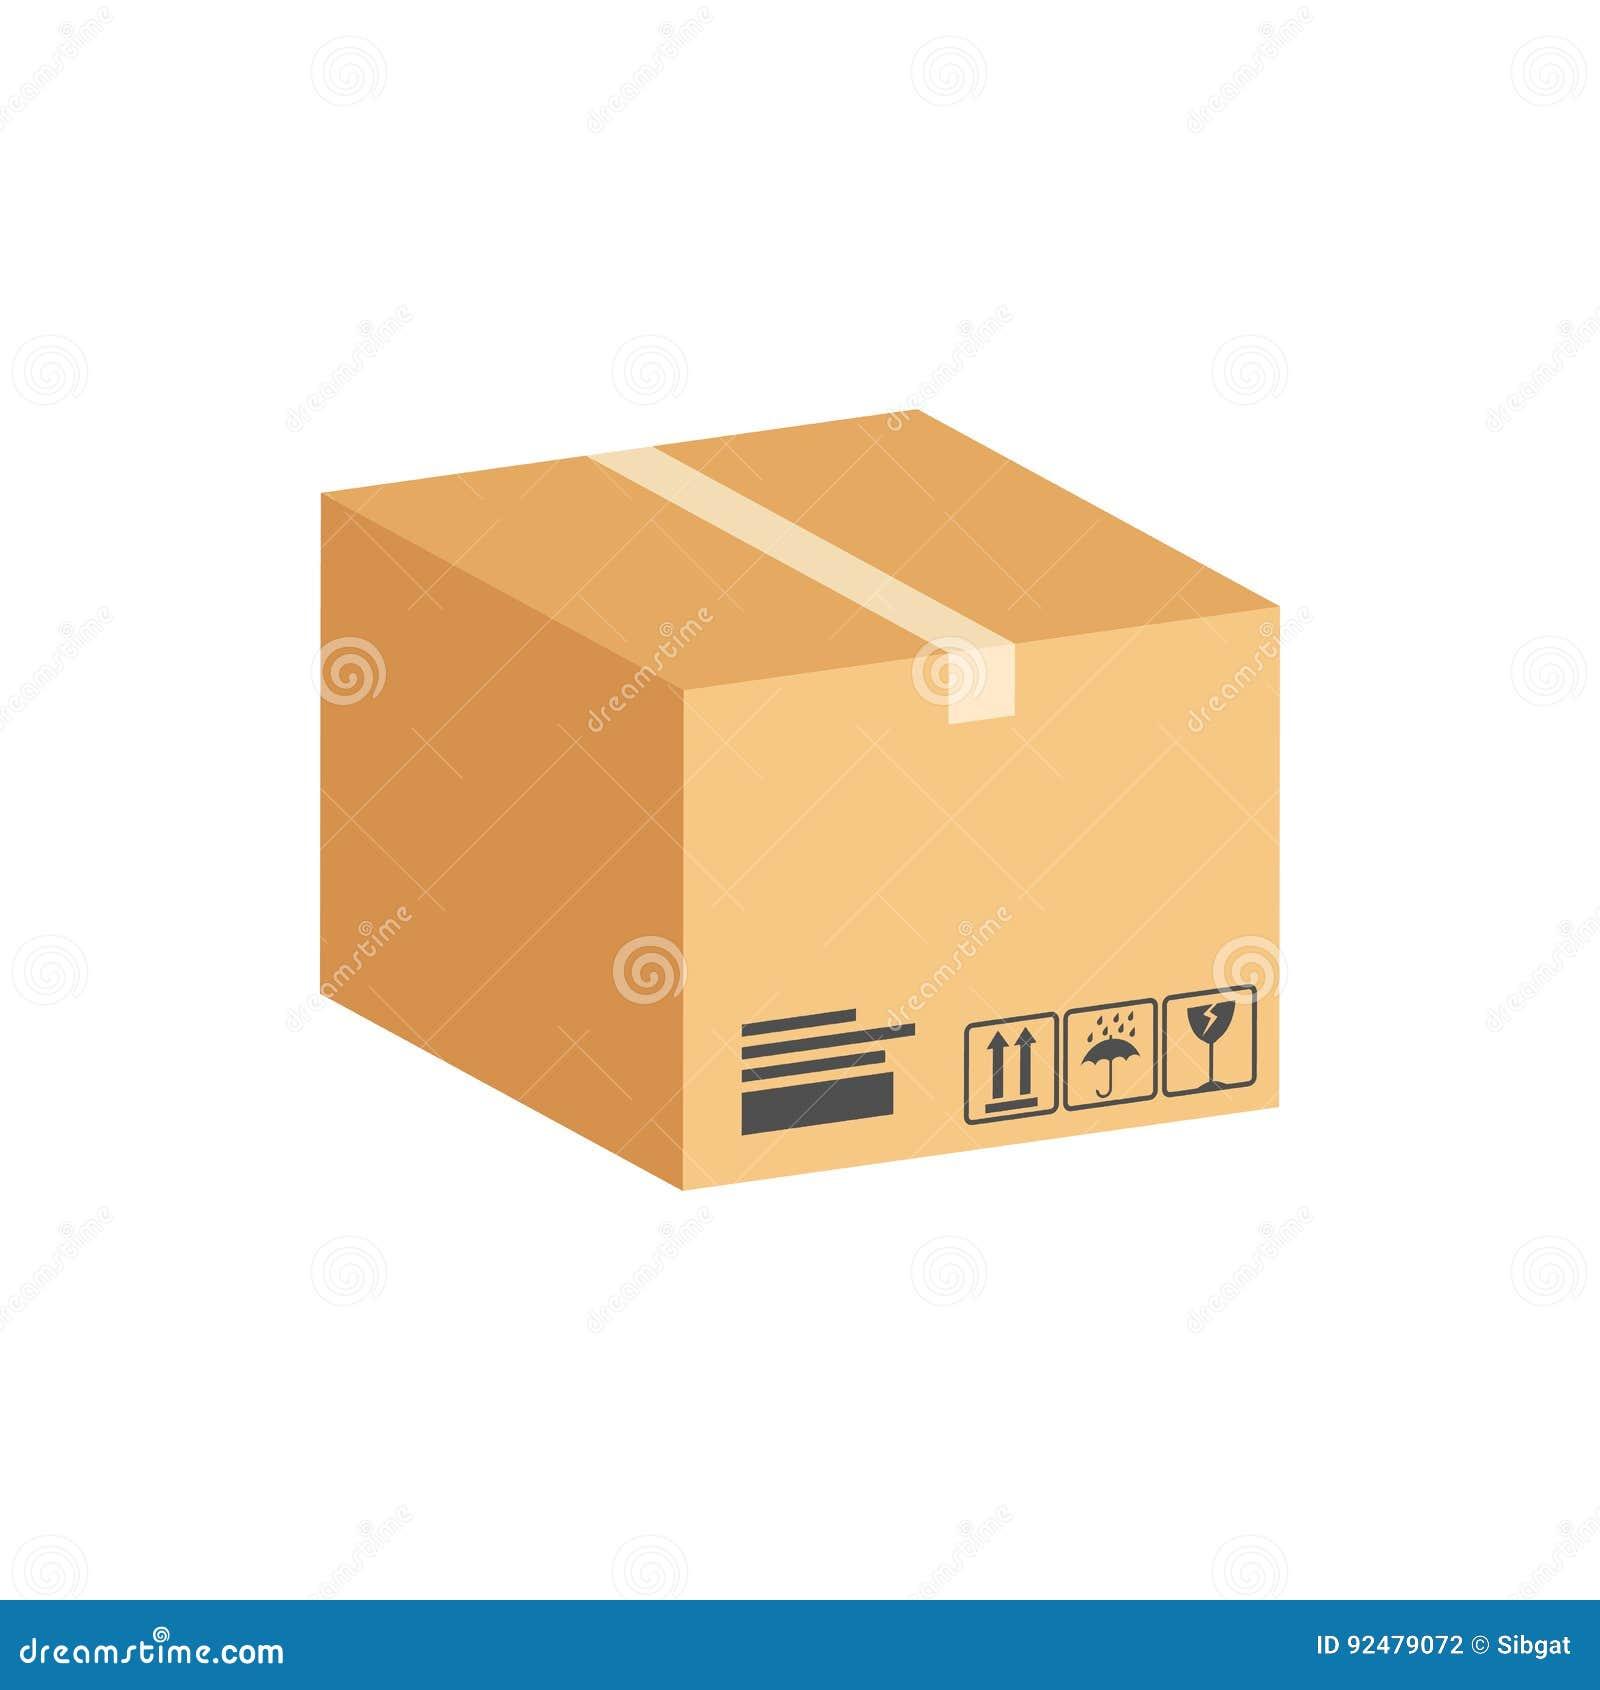 bo te en carton symbole de colis ic ne ou logo isom trique plate illustration de vecteur. Black Bedroom Furniture Sets. Home Design Ideas